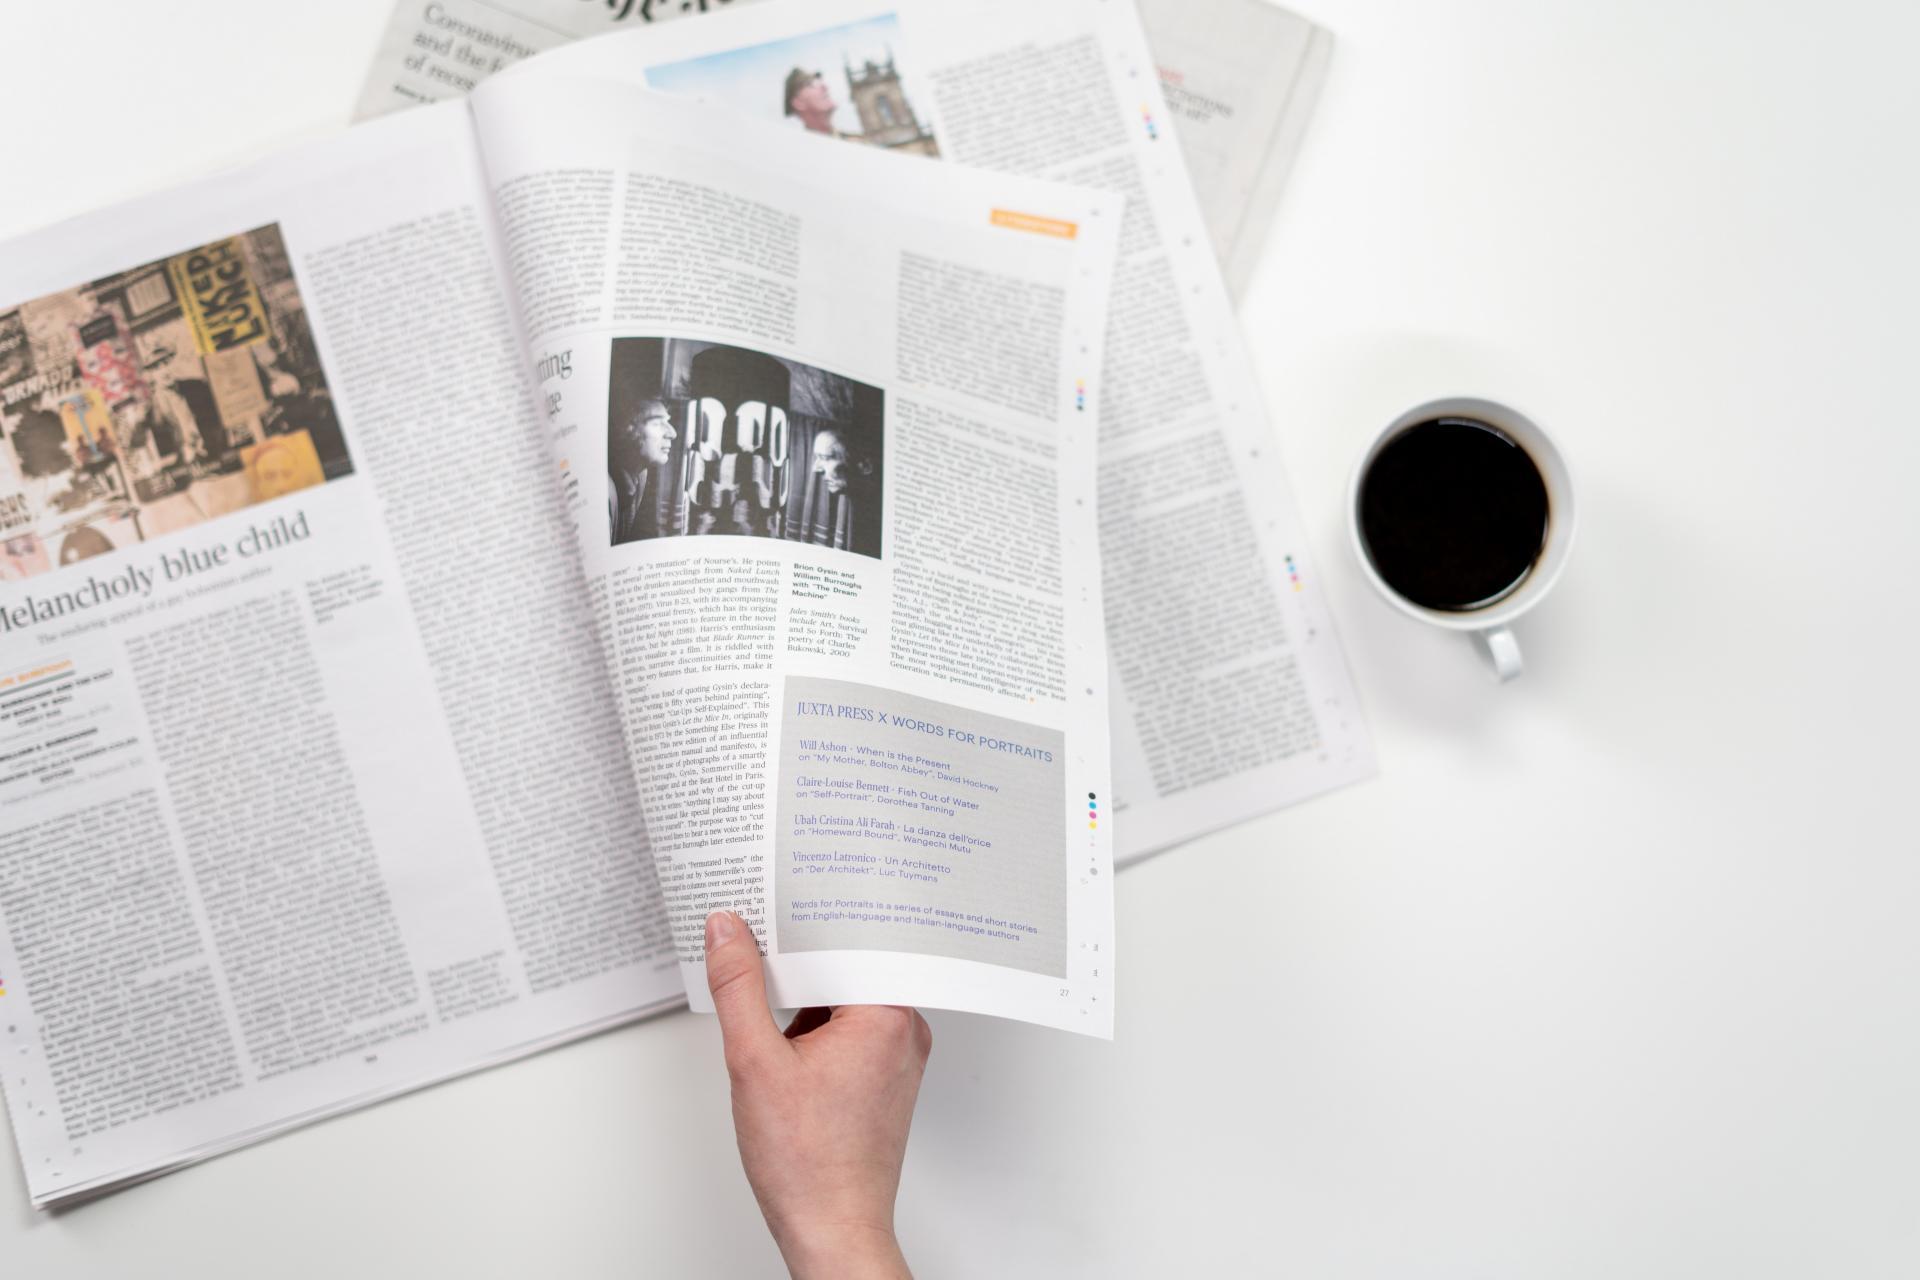 Person leafs through a magazine